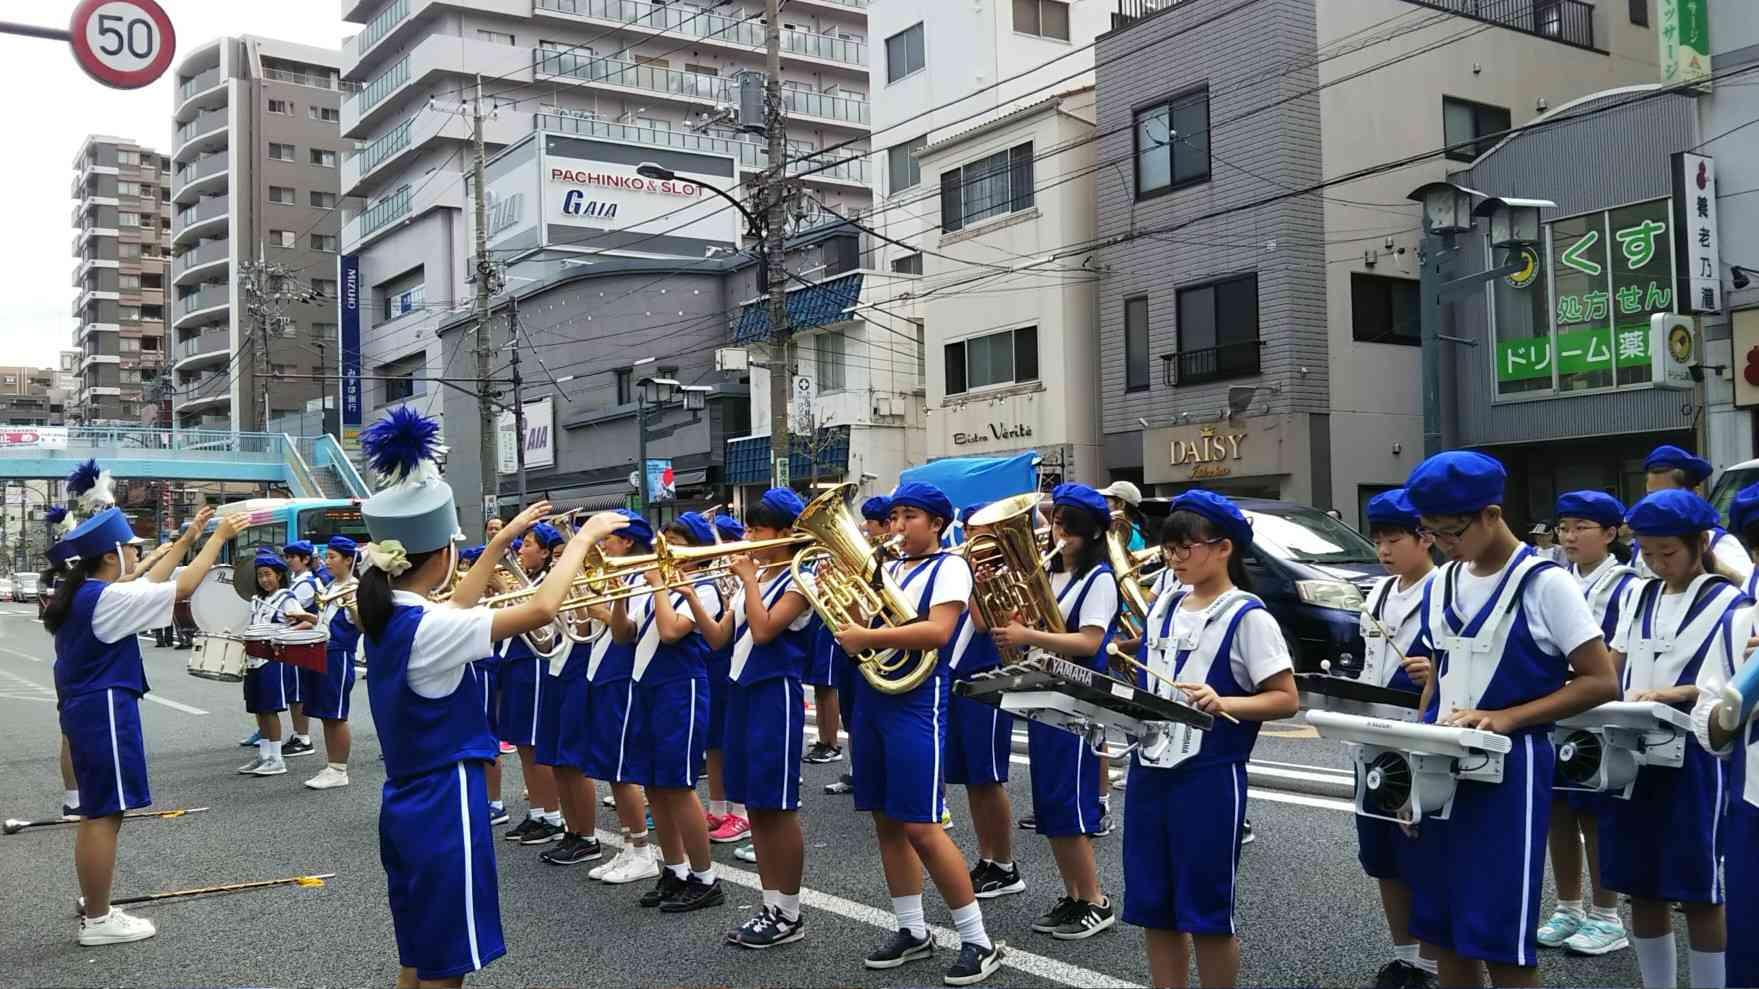 DSC_0406_HORIZON.JPG